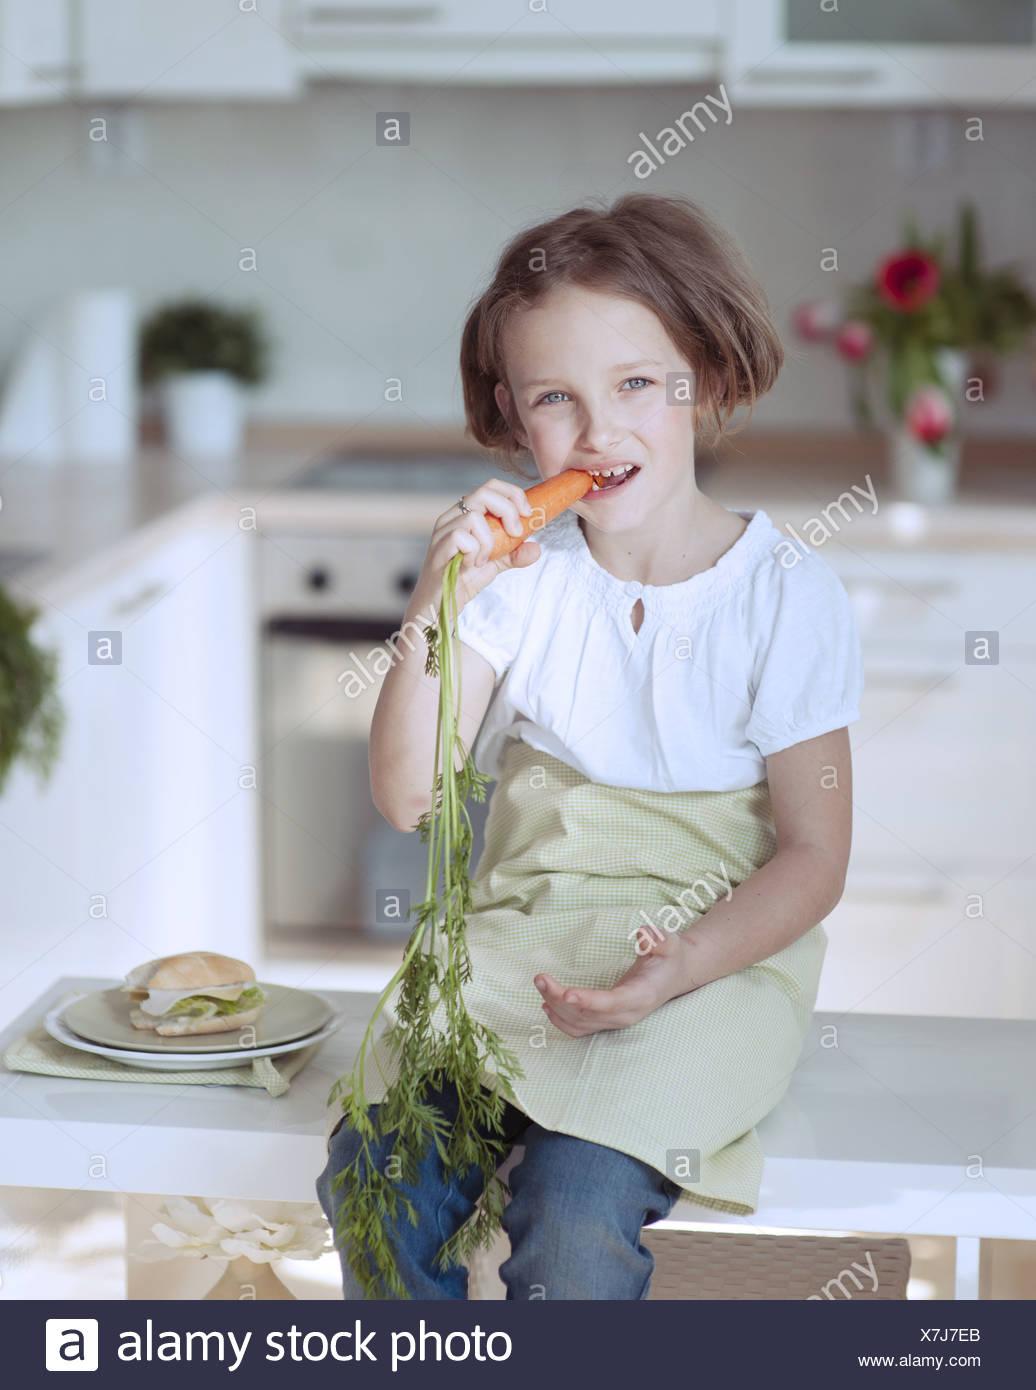 Ragazza giovane mangiando la carota Immagini Stock